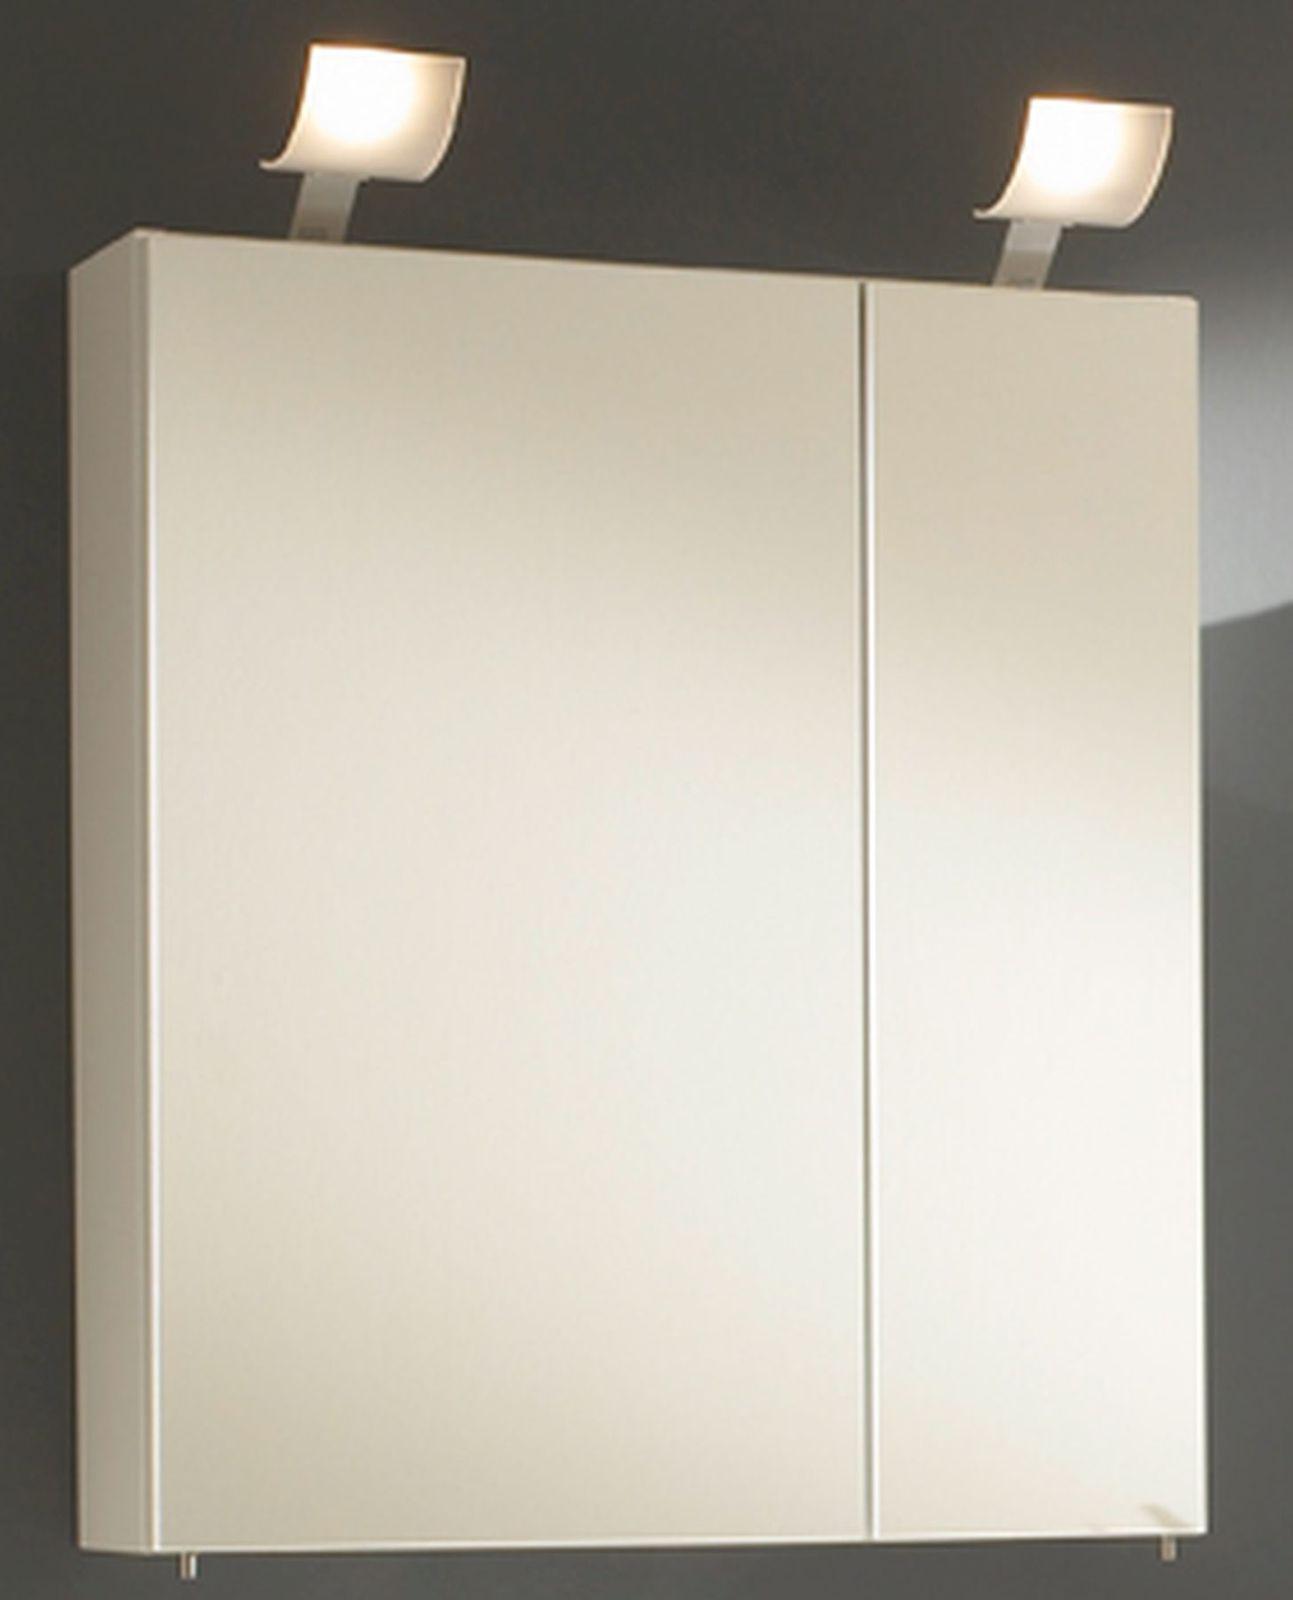 3-teile-badset-led-spiegelschrank-waschplatz-60-cm-gste-bad-badmbel--zo-3003 Wunderschöne Spiegelschrank Bad 60 Cm Dekorationen